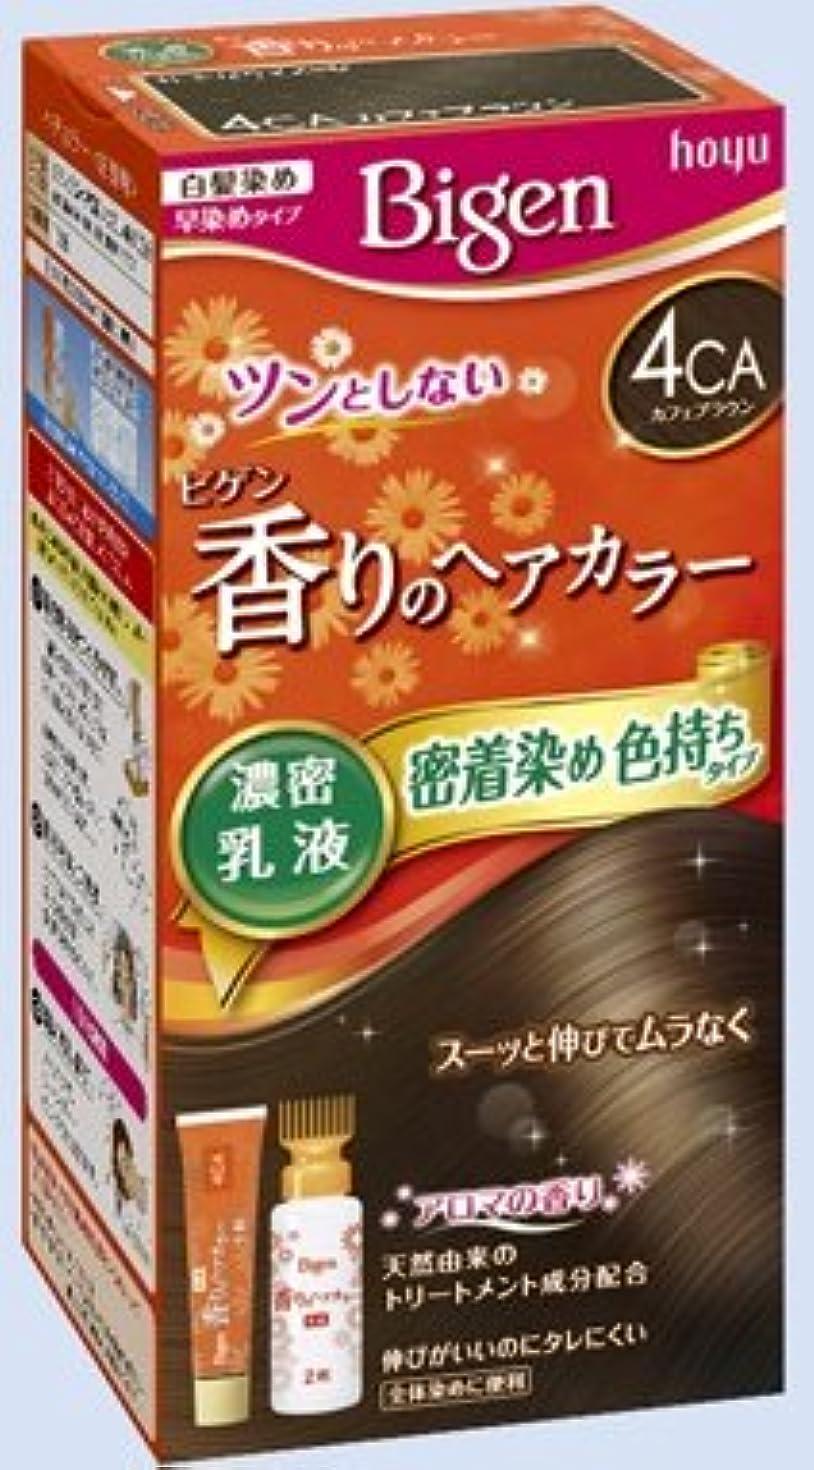 ブランド名聖歌イサカビゲン 香りのヘアカラー 乳液 4CA カフェブラウン × 10個セット